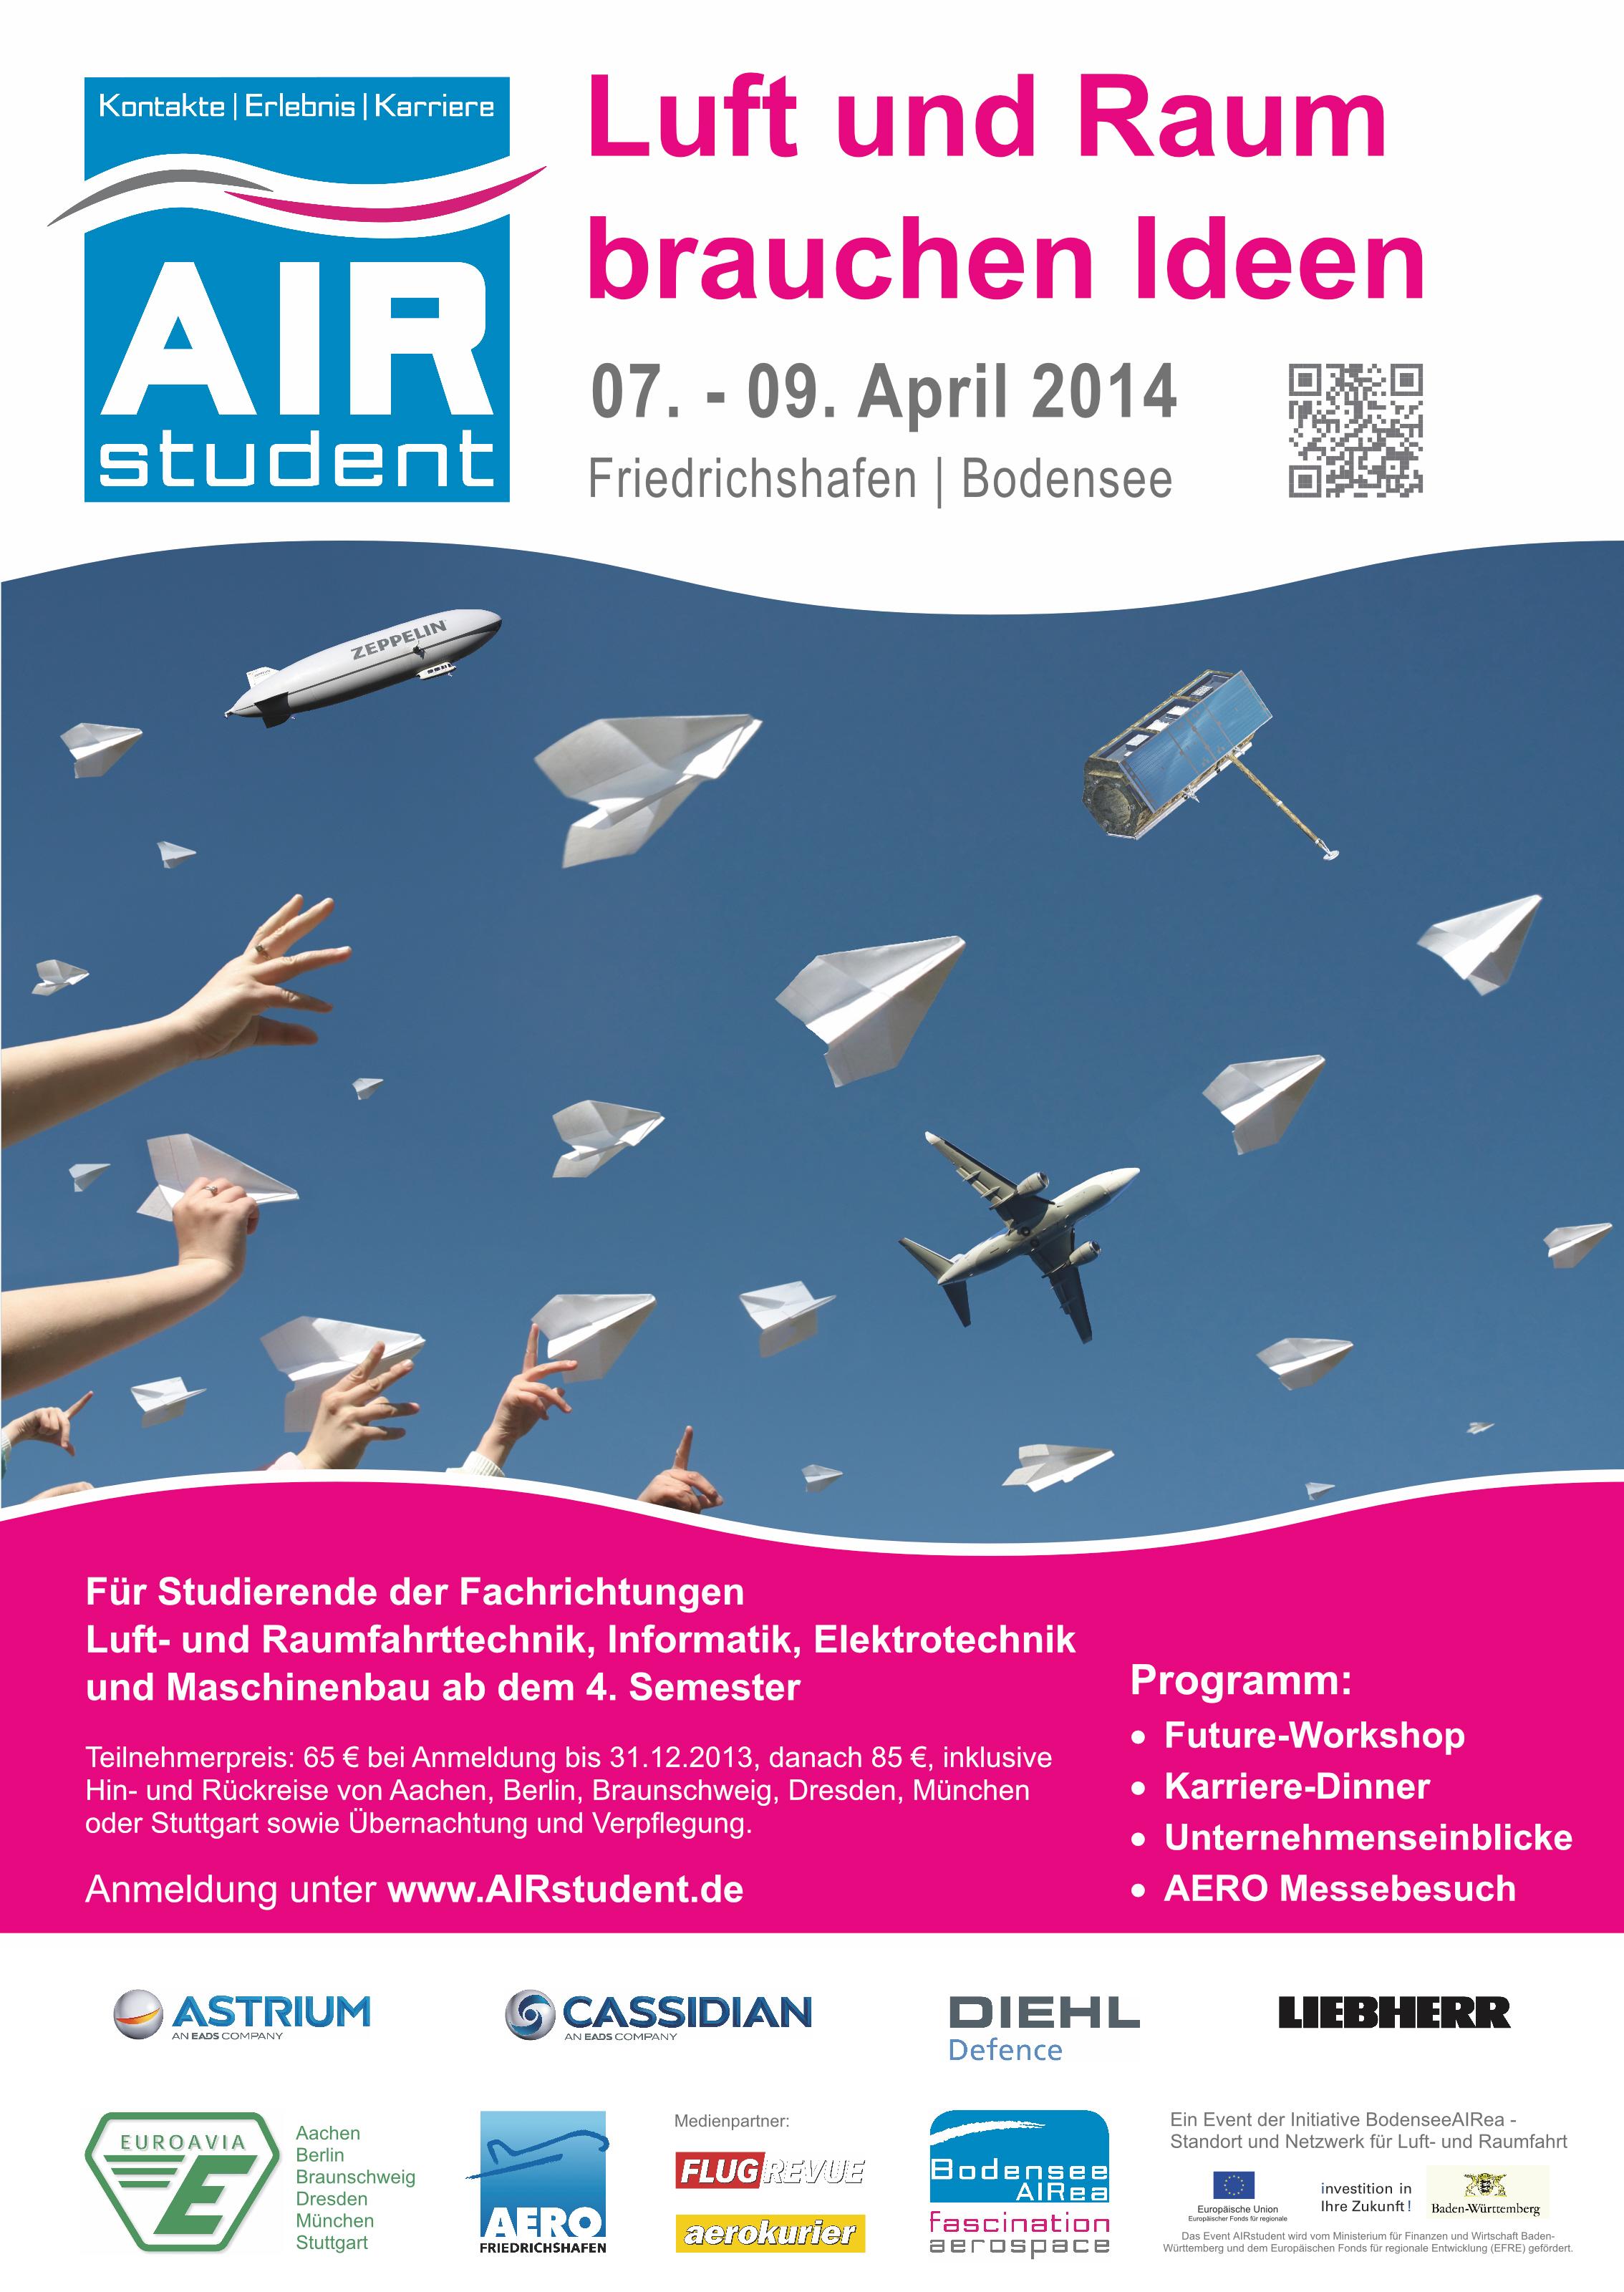 """""""Luft und Raum für Ideen"""" gibt's bei AIRstudent auch dank Bebobo"""